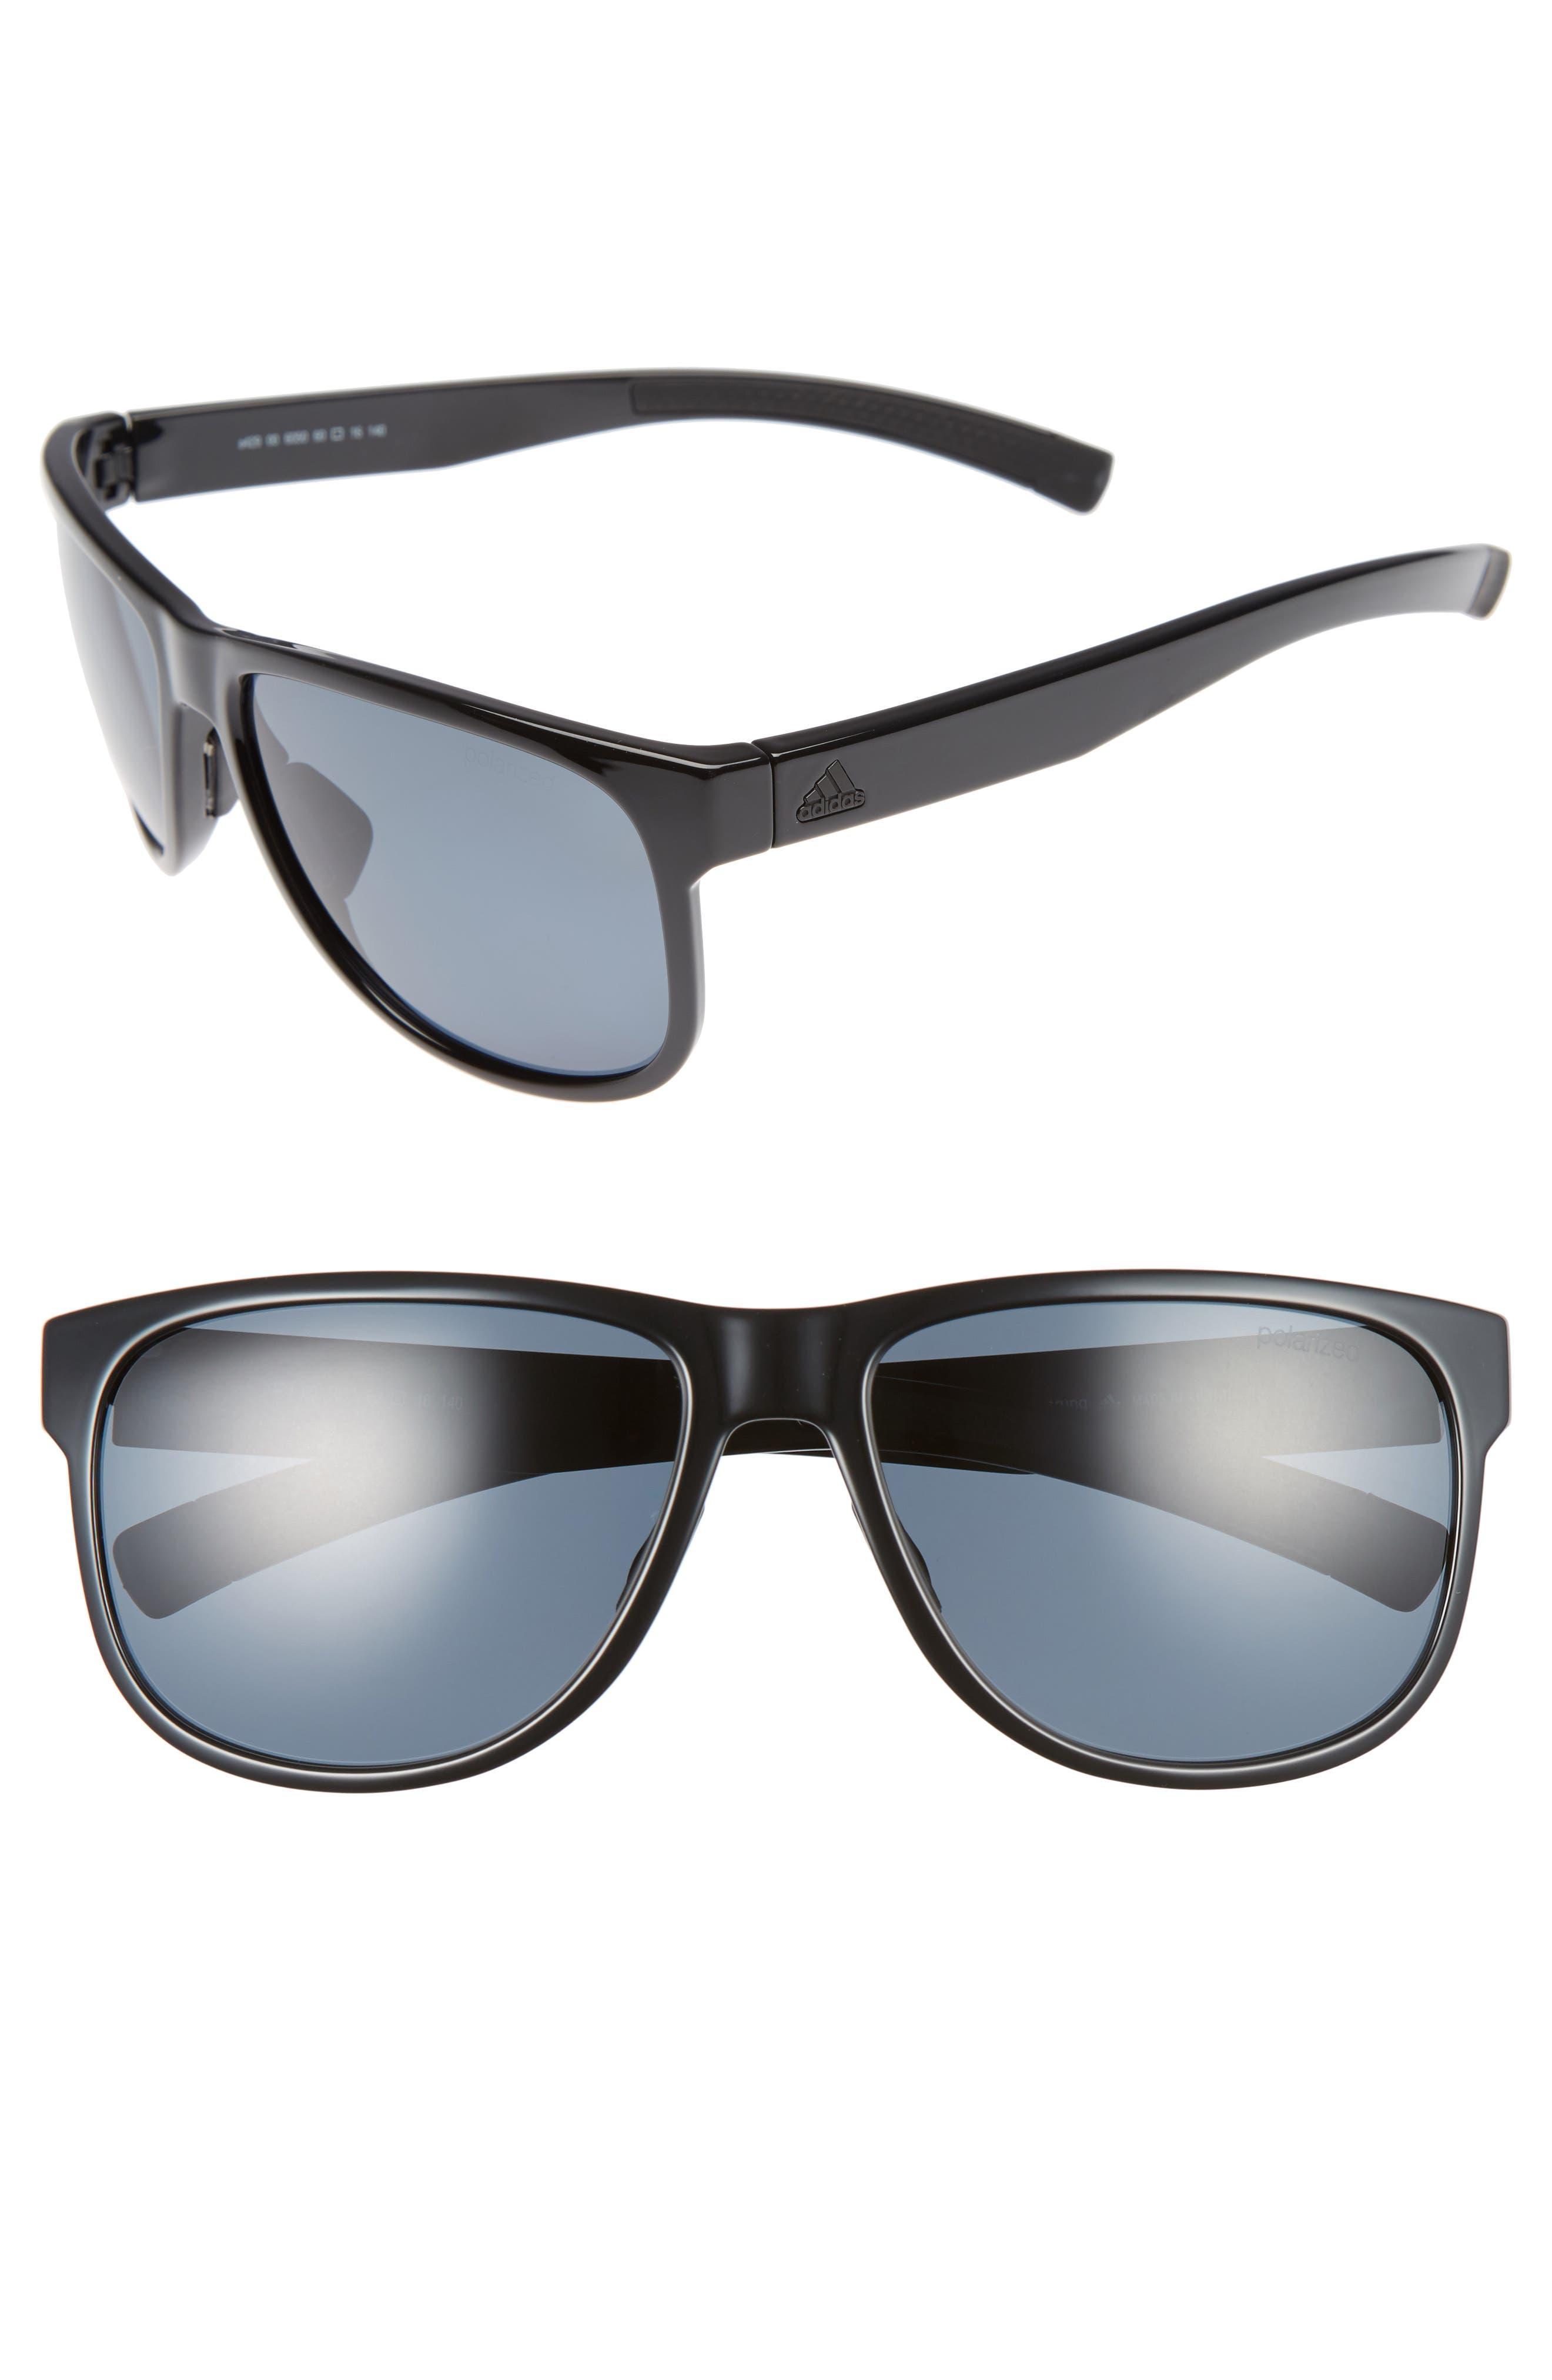 Sprung 60mm Sunglasses,                         Main,                         color, SHINY BLACK/ GREY POLAR